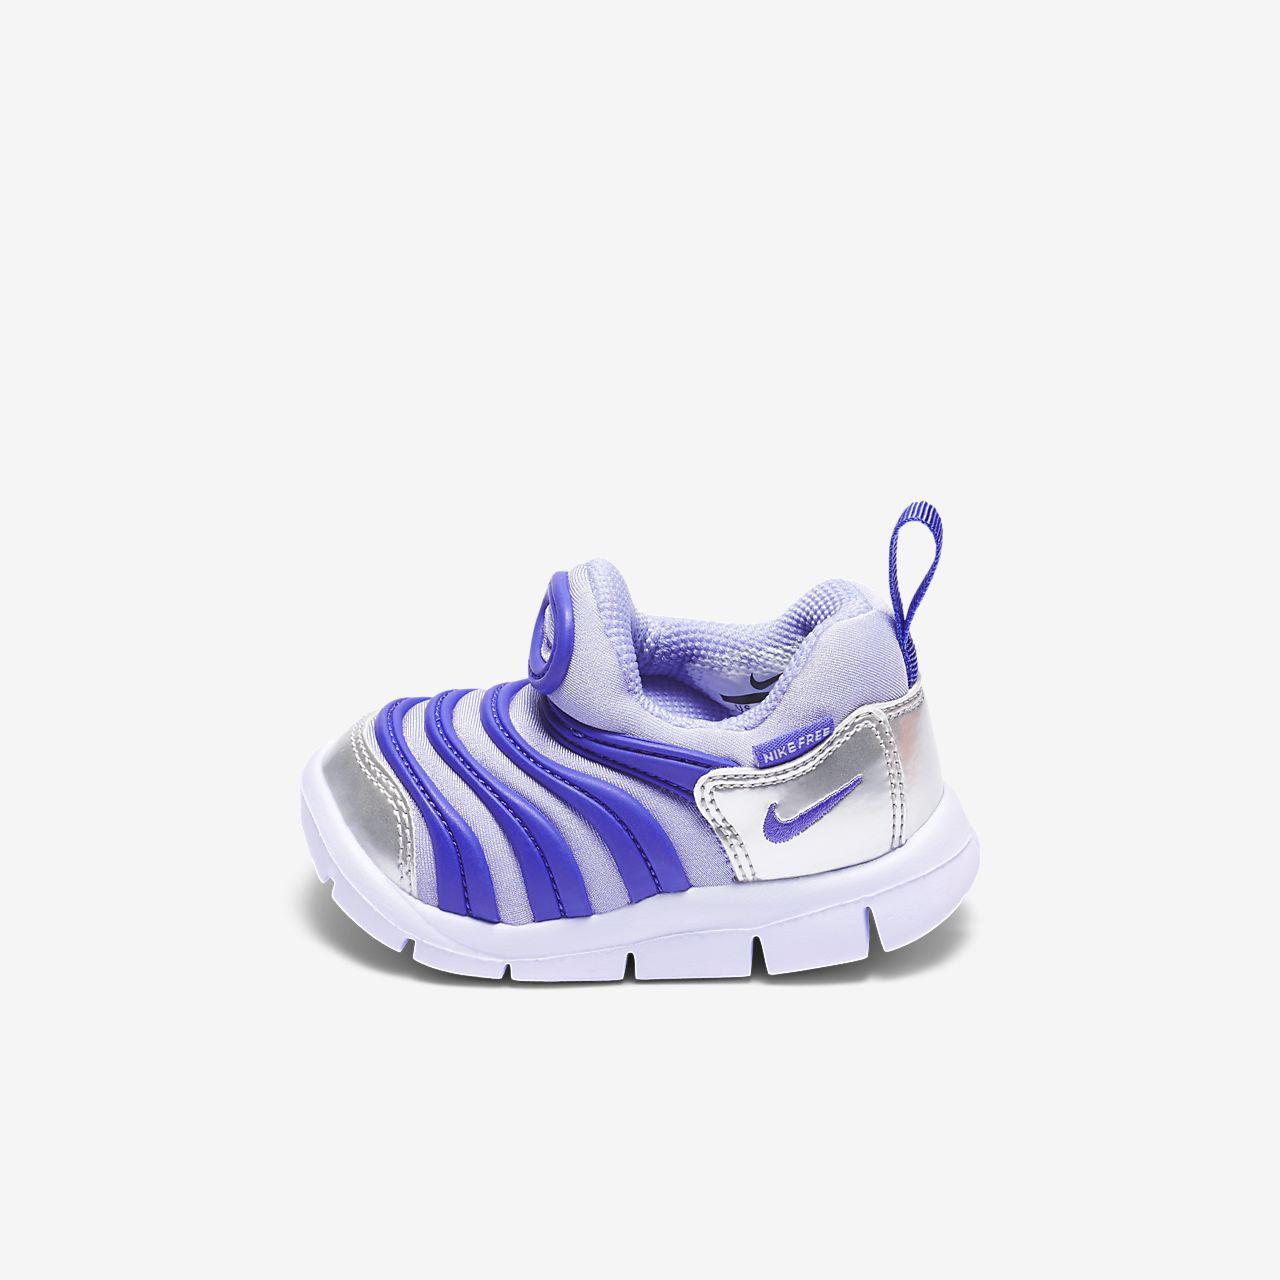 ... Nike Dynamo Free Baby & Toddler Kids' Shoe